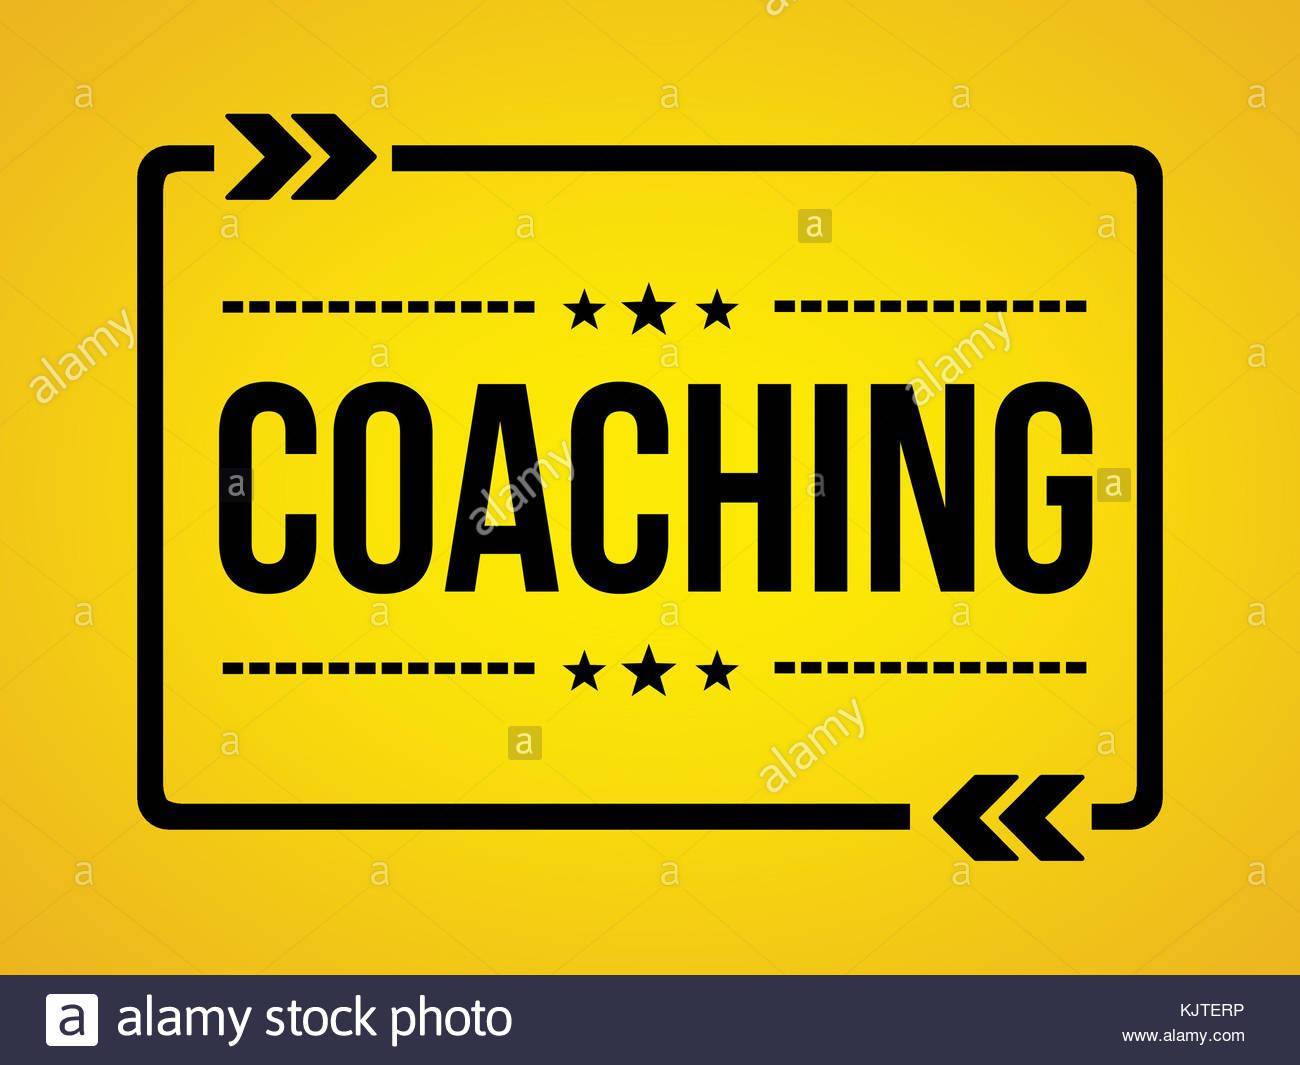 Coaching - messaggio di sfondo Immagini Stock